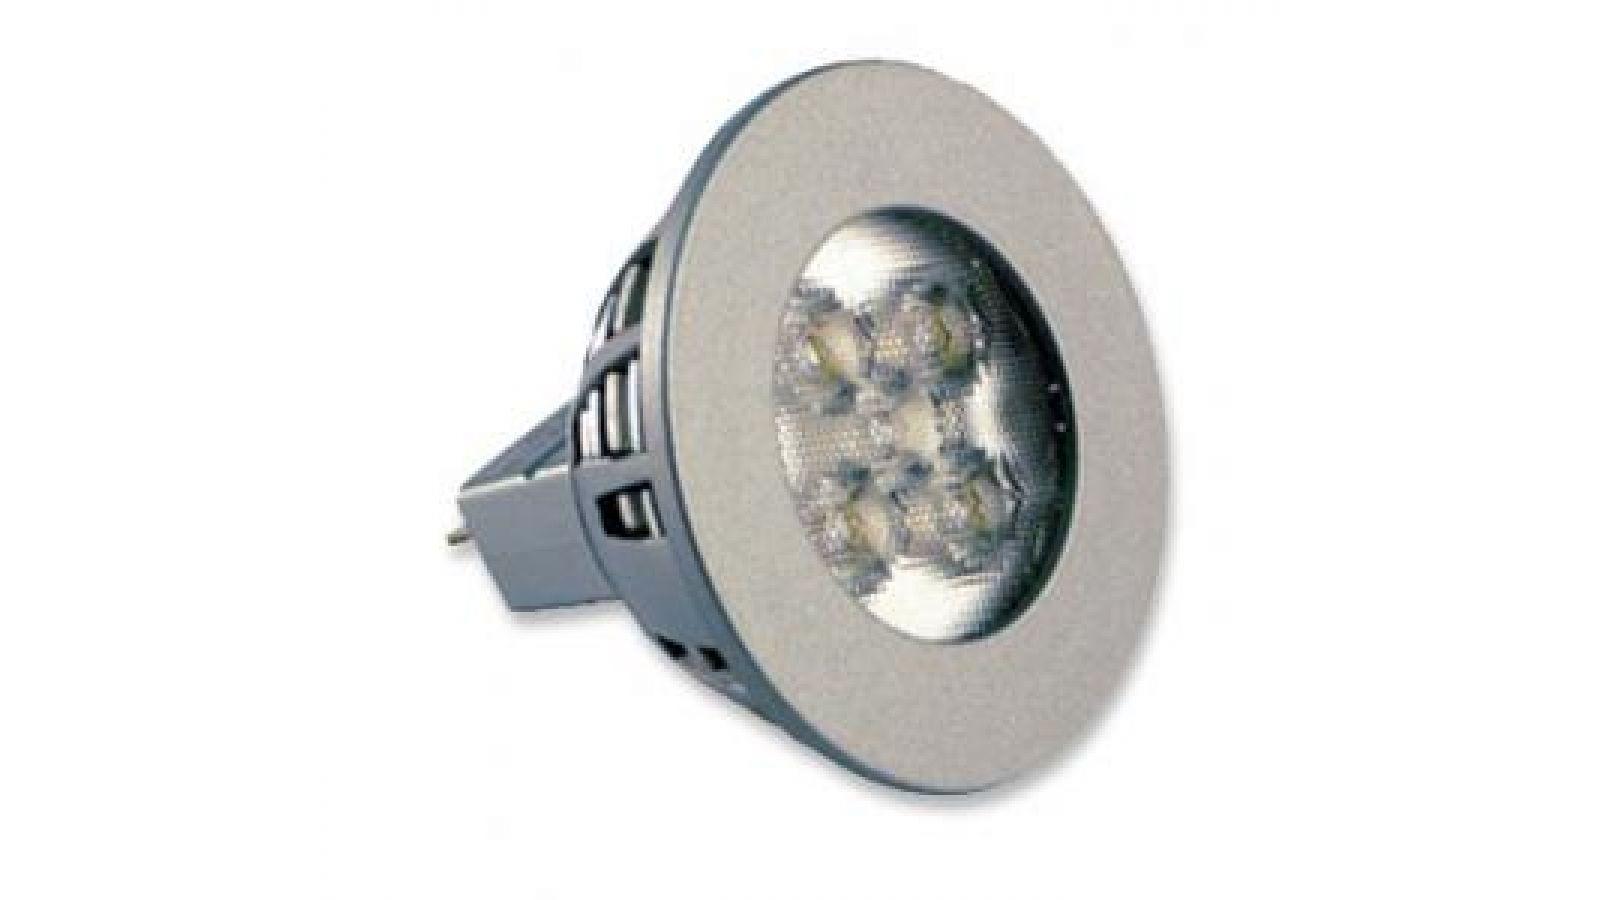 3.5W LED - MR16 Lamp